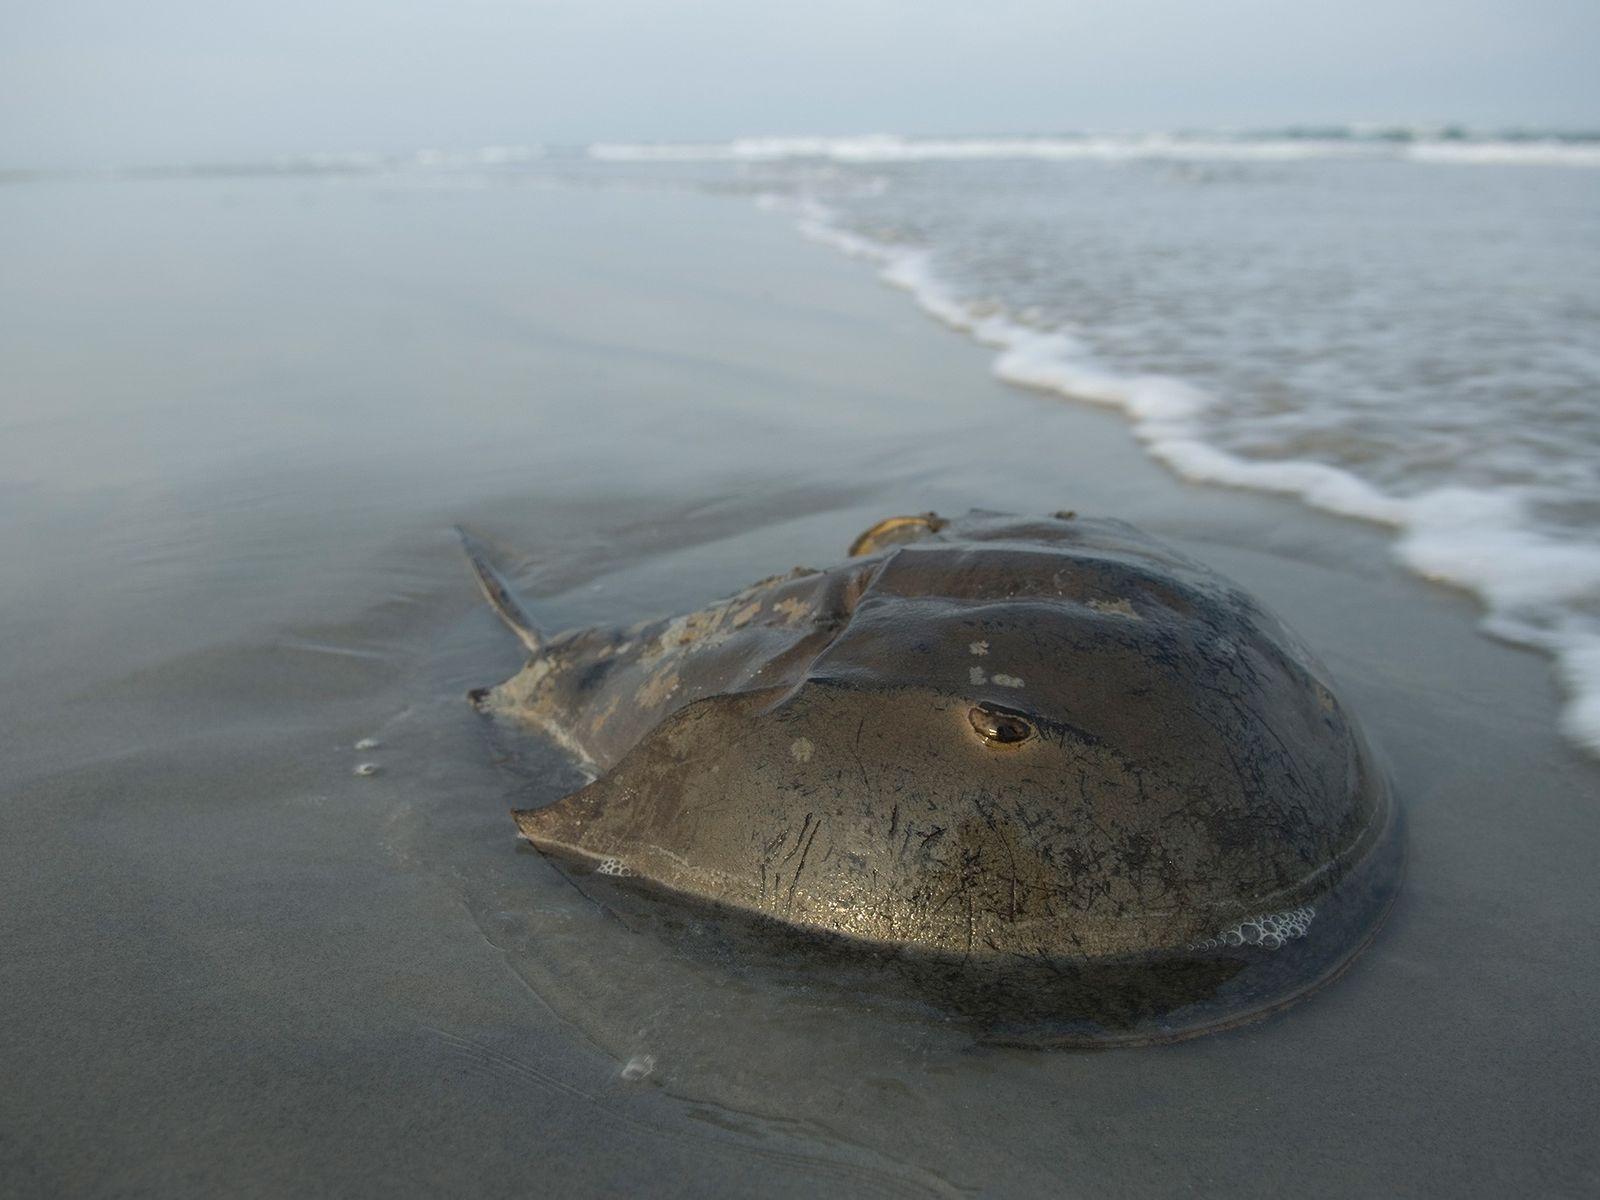 Un Limulus polyphemus sur la plage de Stone Harbor dans le New Jersey, à proximité de ...